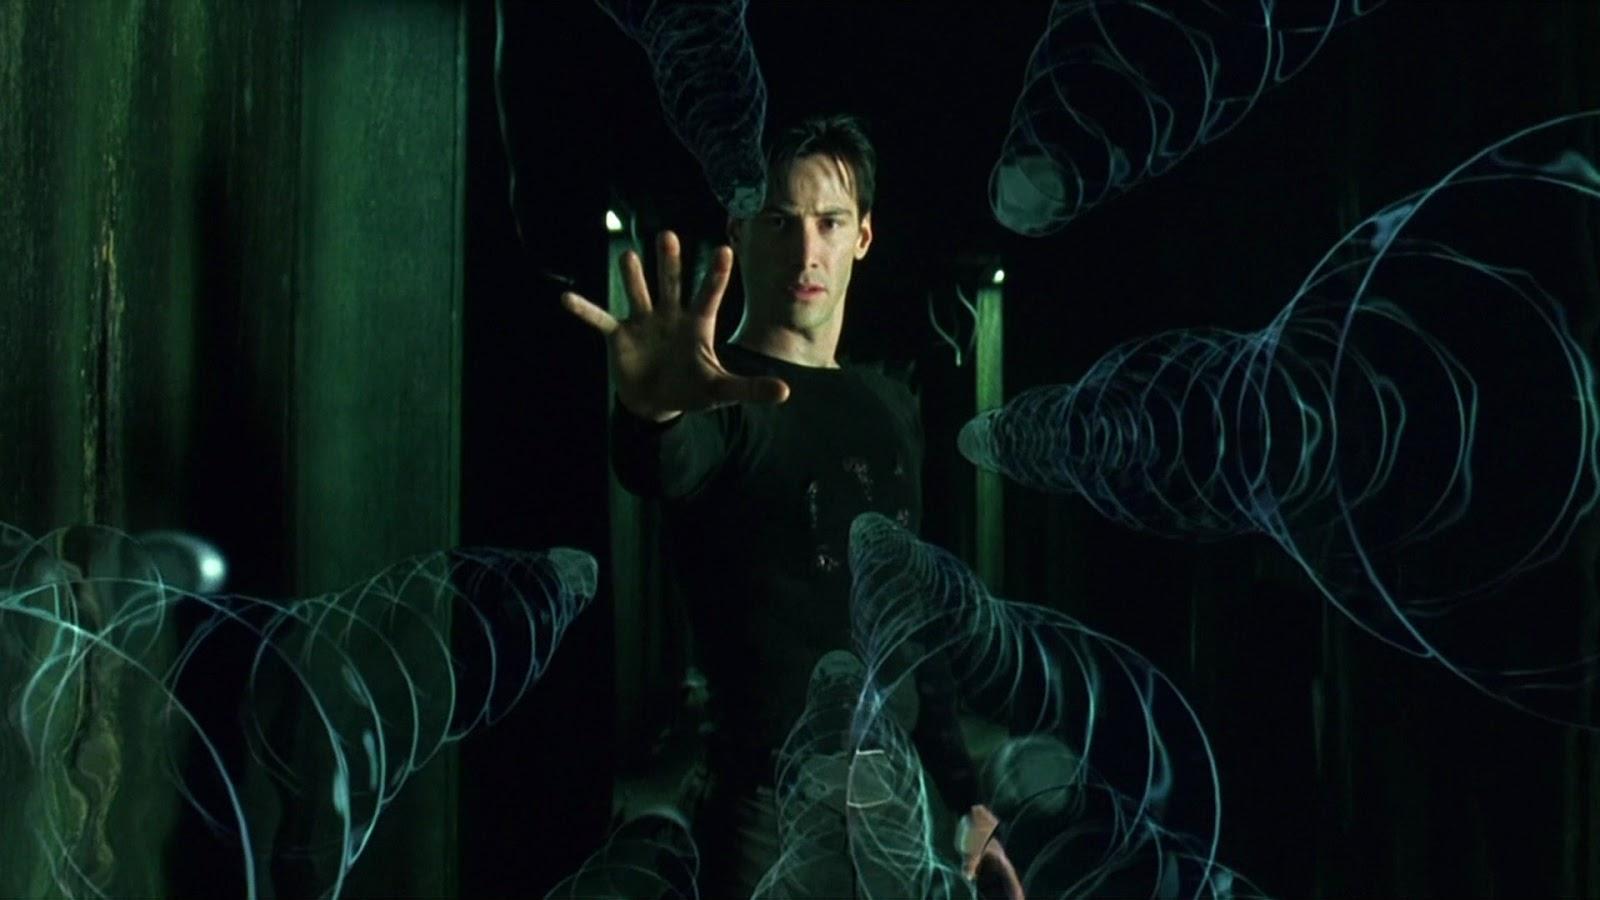 マトリックス matrix